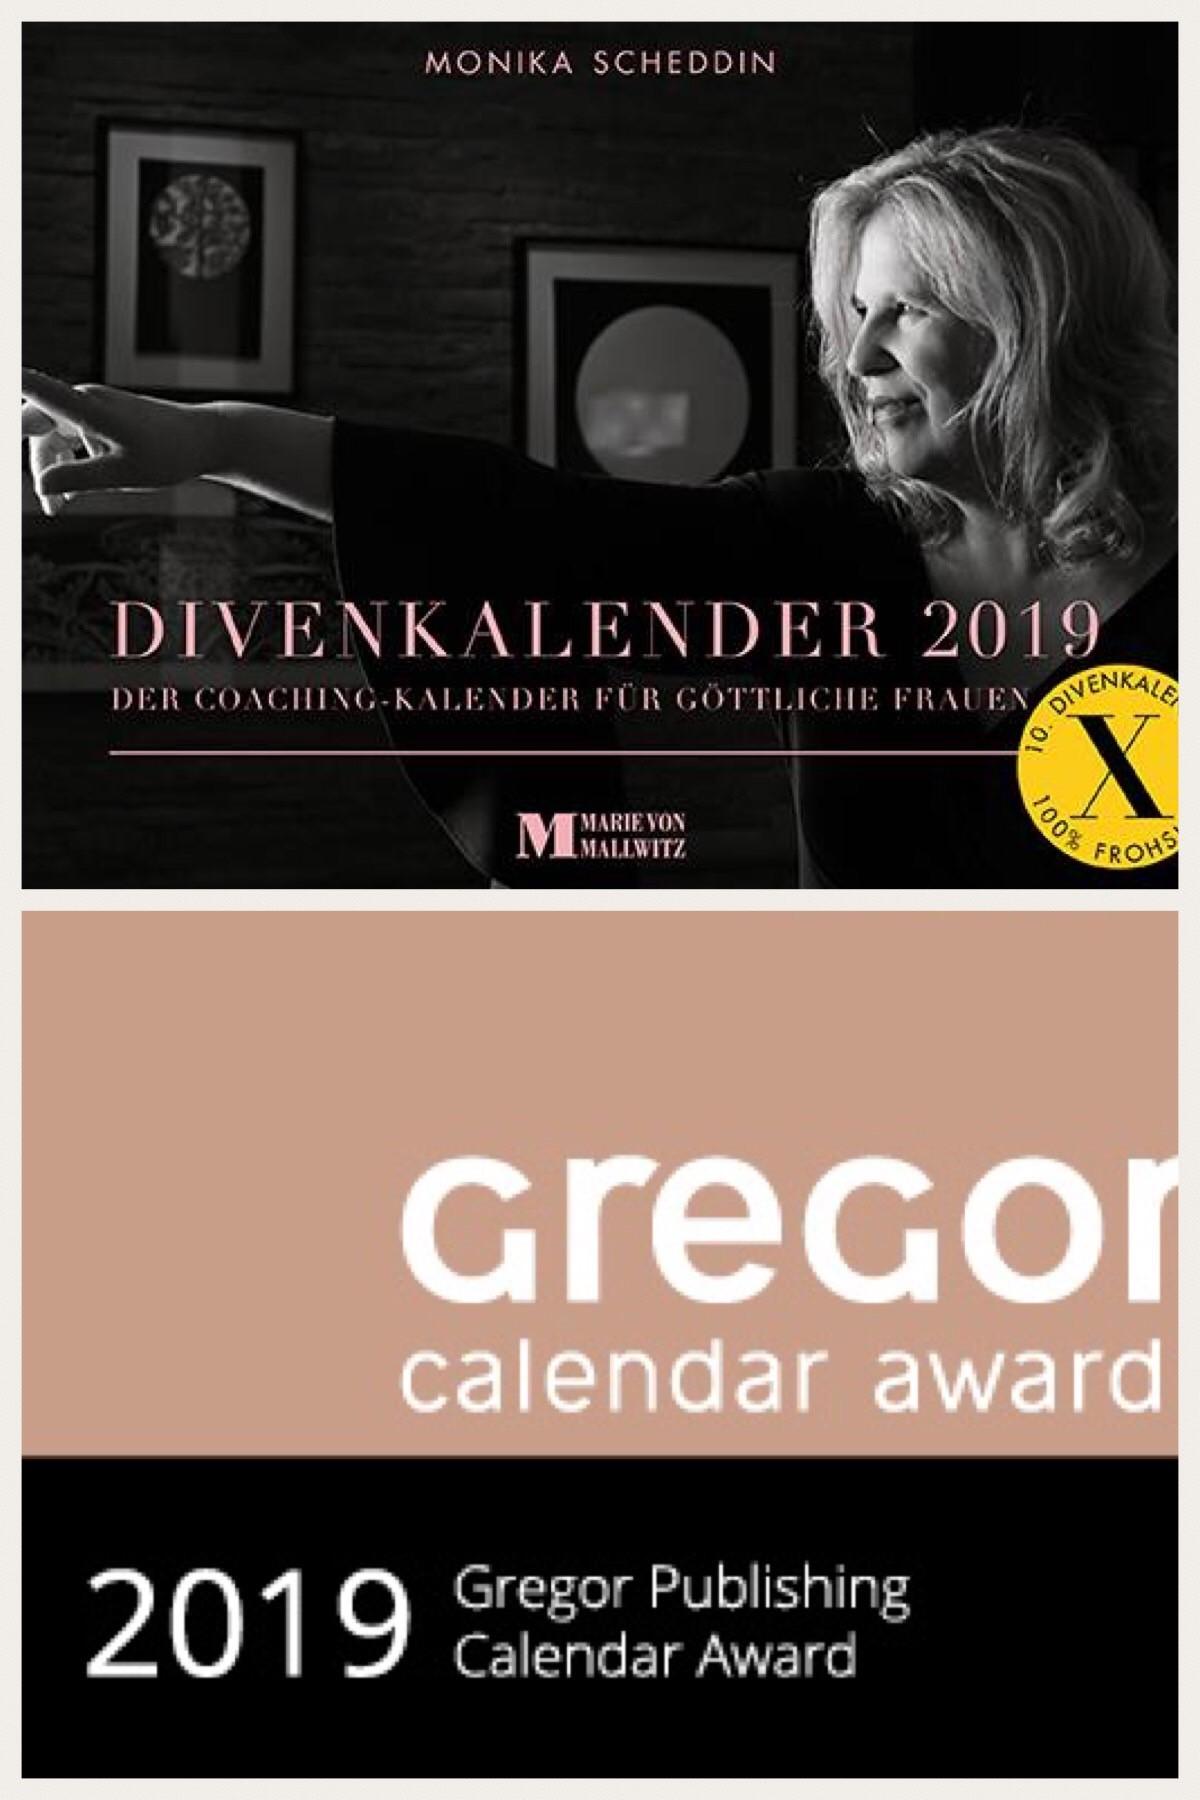 Divenkalender2019_Medaille